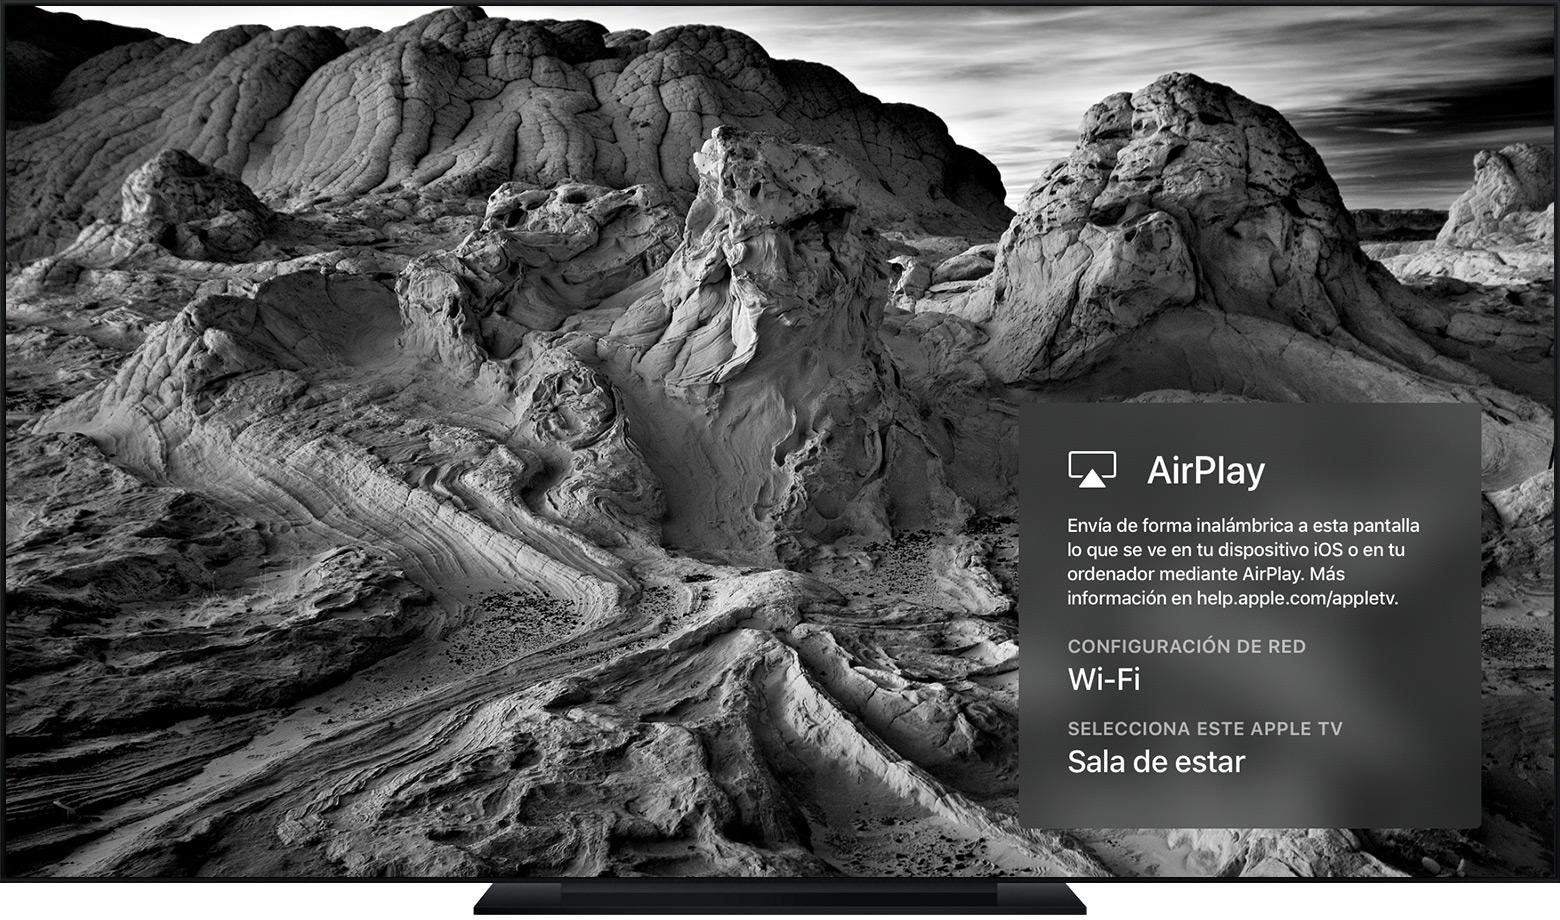 Gestionar los ajustes de AirPlay en el Apple TV - Soporte